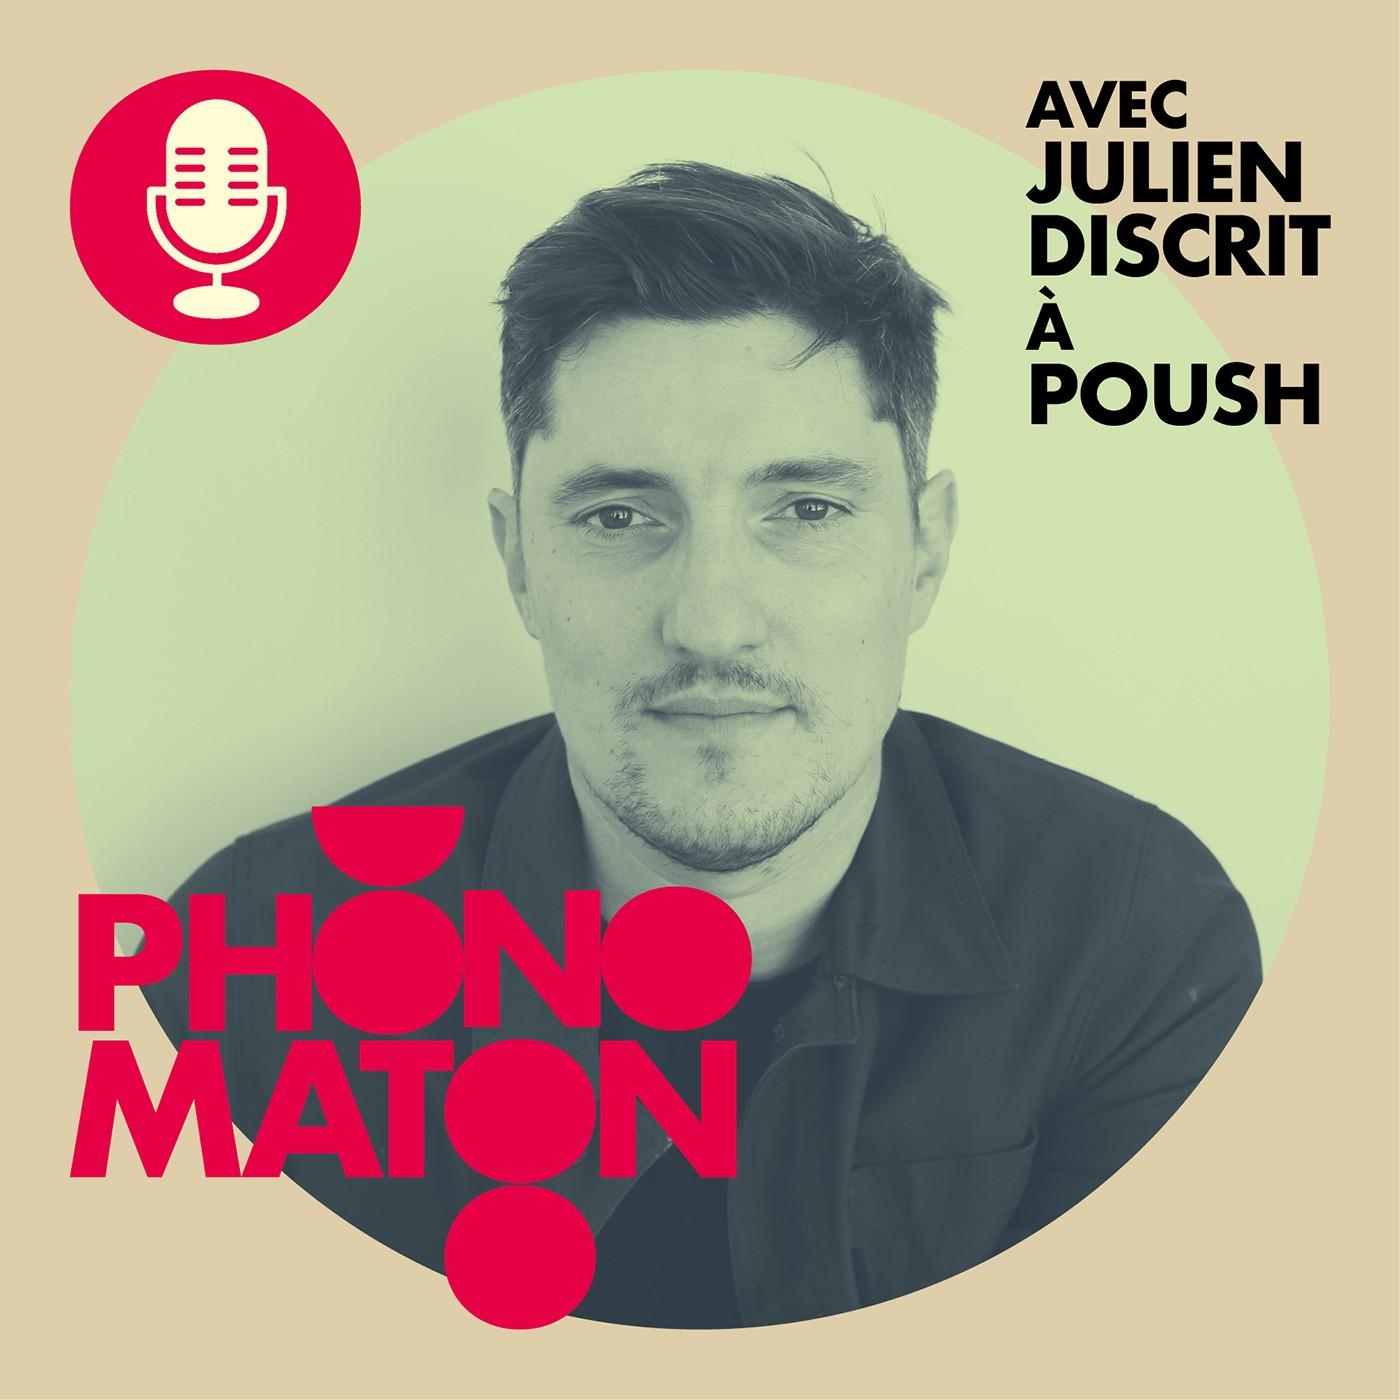 Phonomaton avec Julien Discrit à Poush